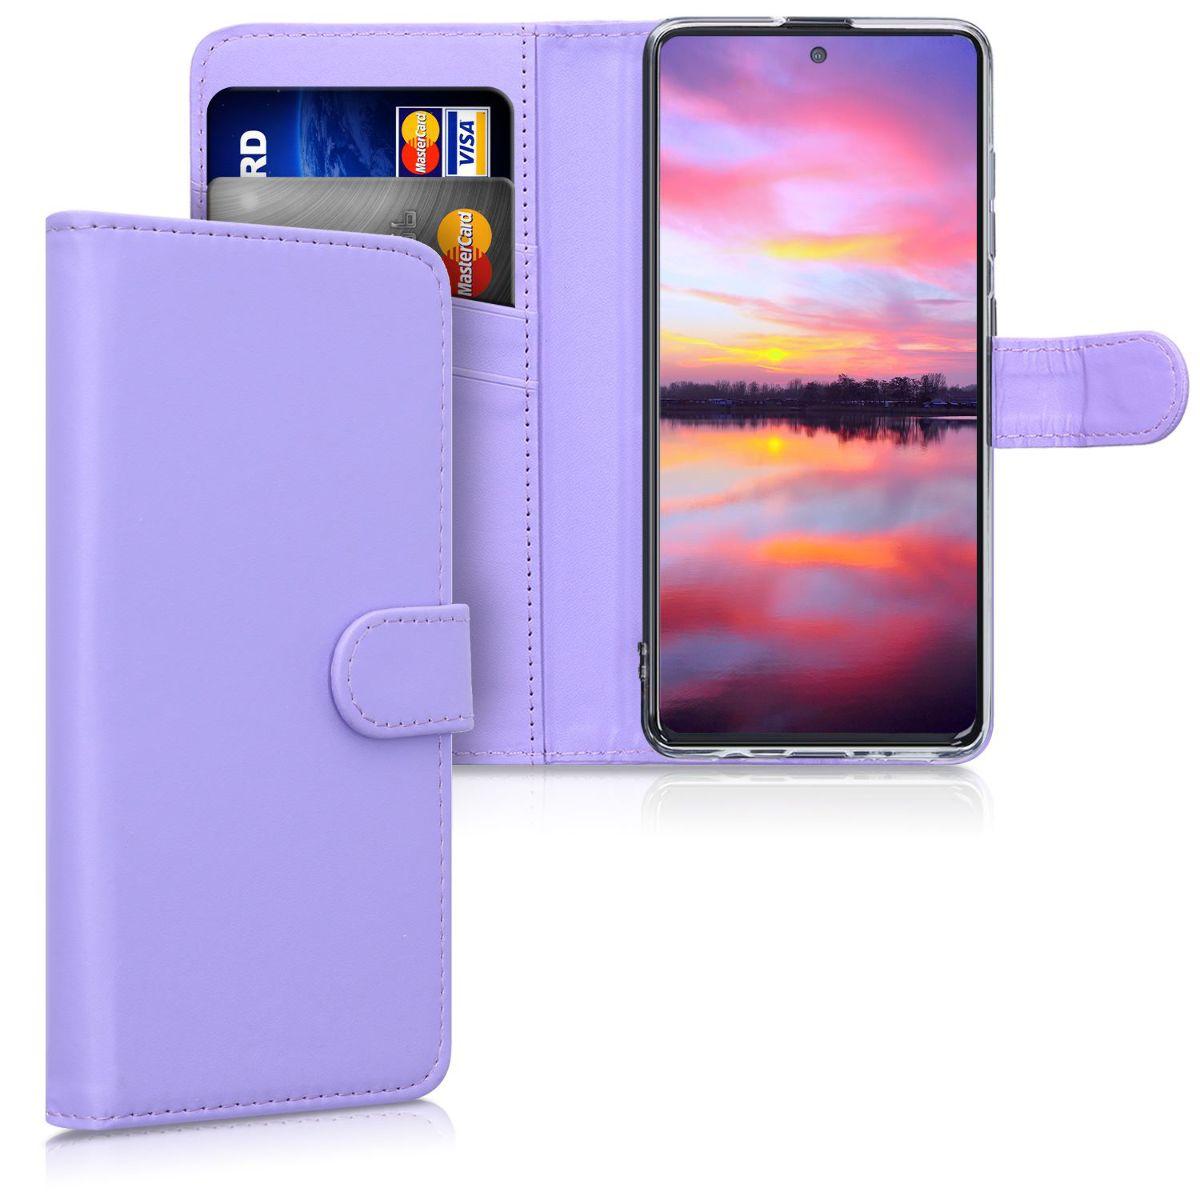 Světle levandulové kožené pouzdro / obal jako peněženka pro Samsung Galaxy A51